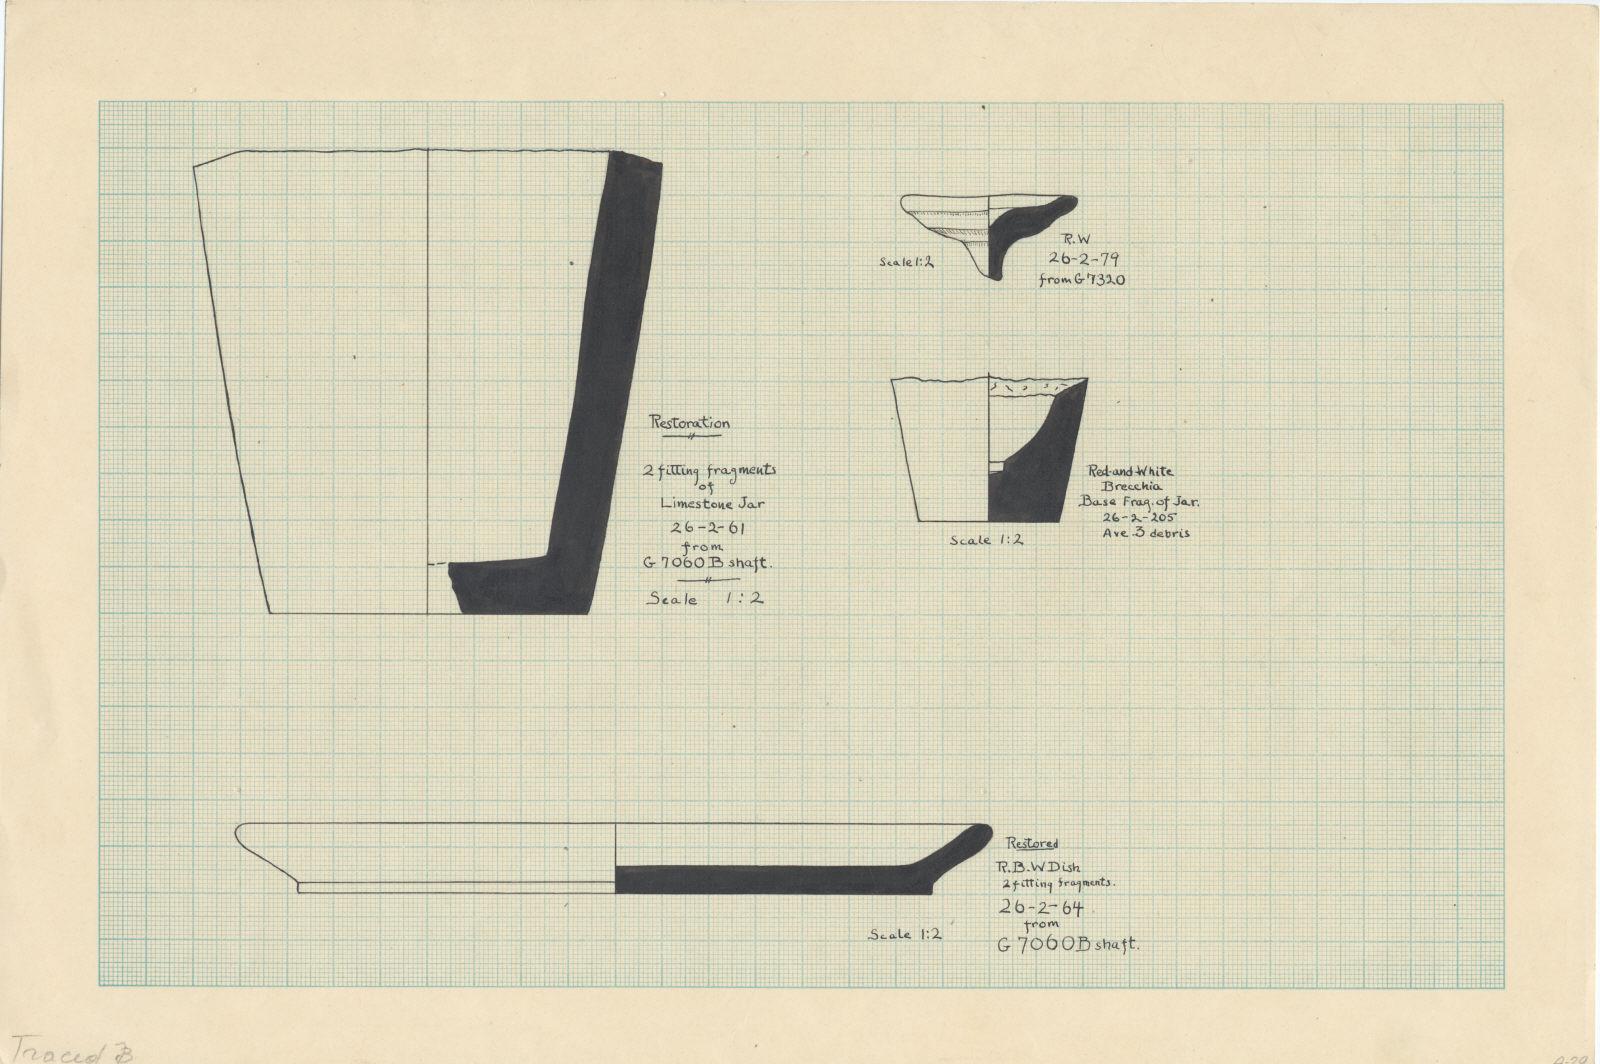 Drawings: Vessels from Avenue G 3; G 7060, Shaft B; G 7320; G 7060, Shaft B